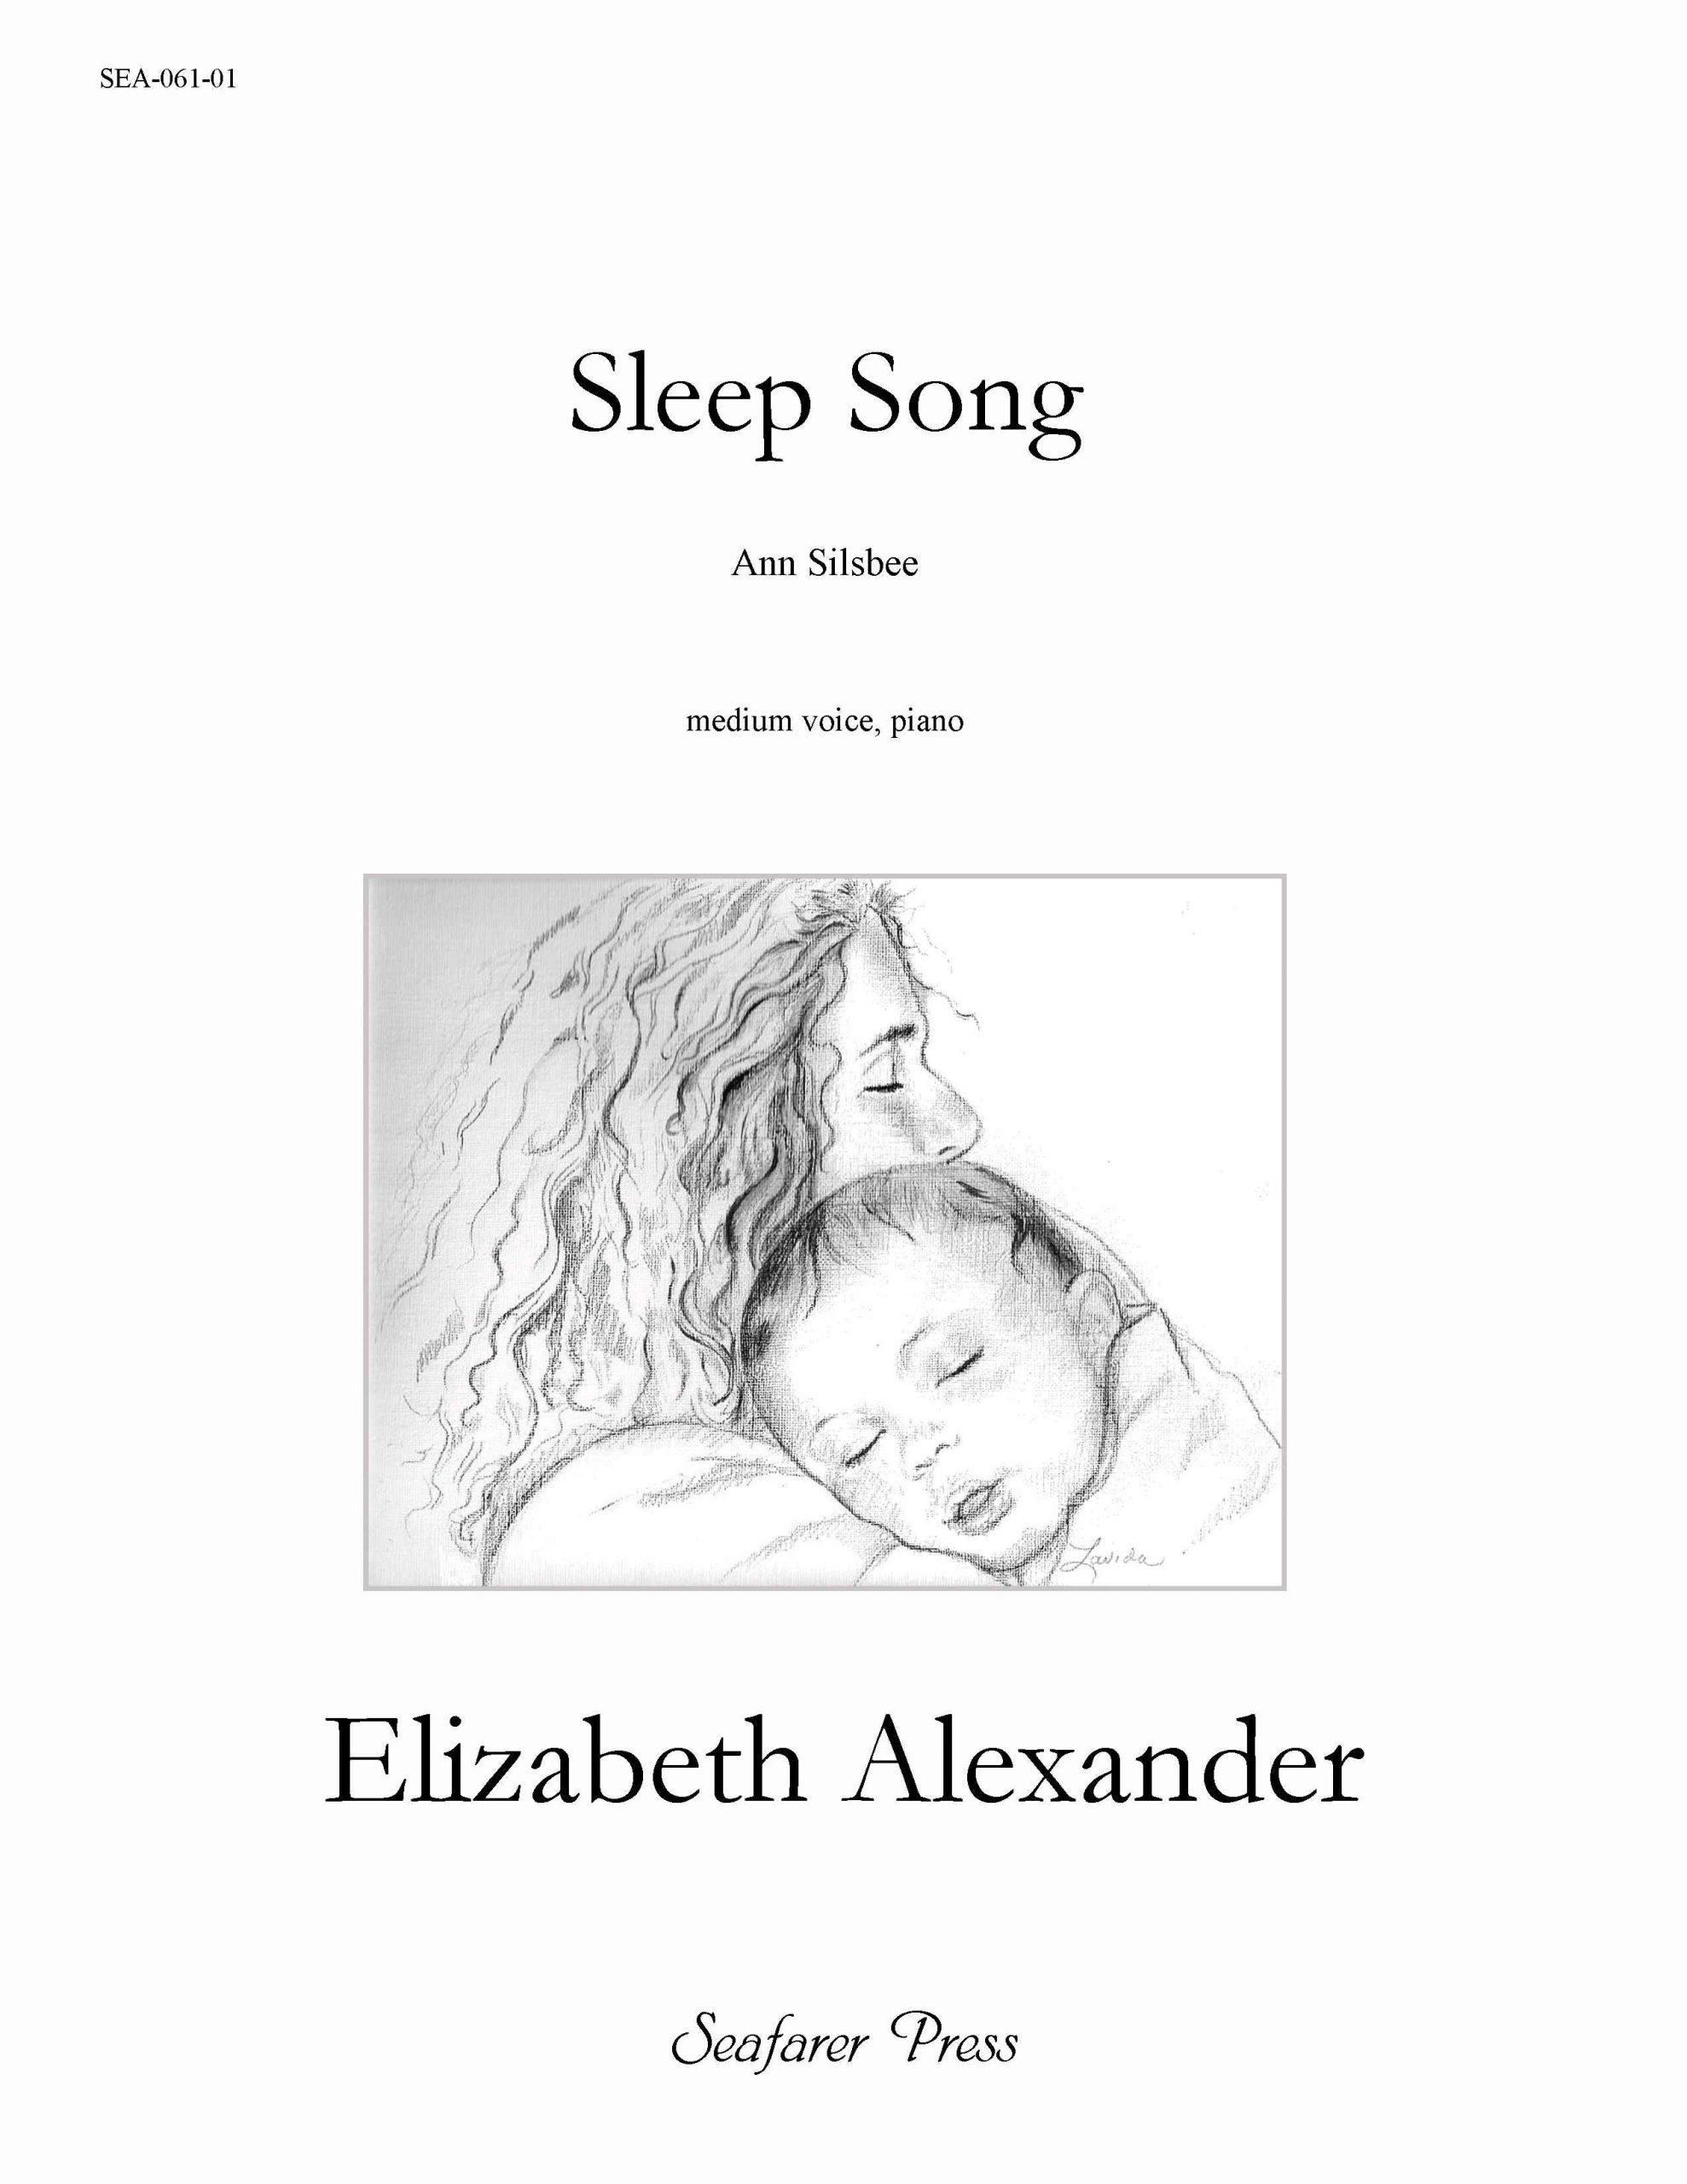 SEA-061-01 - Sleep Song